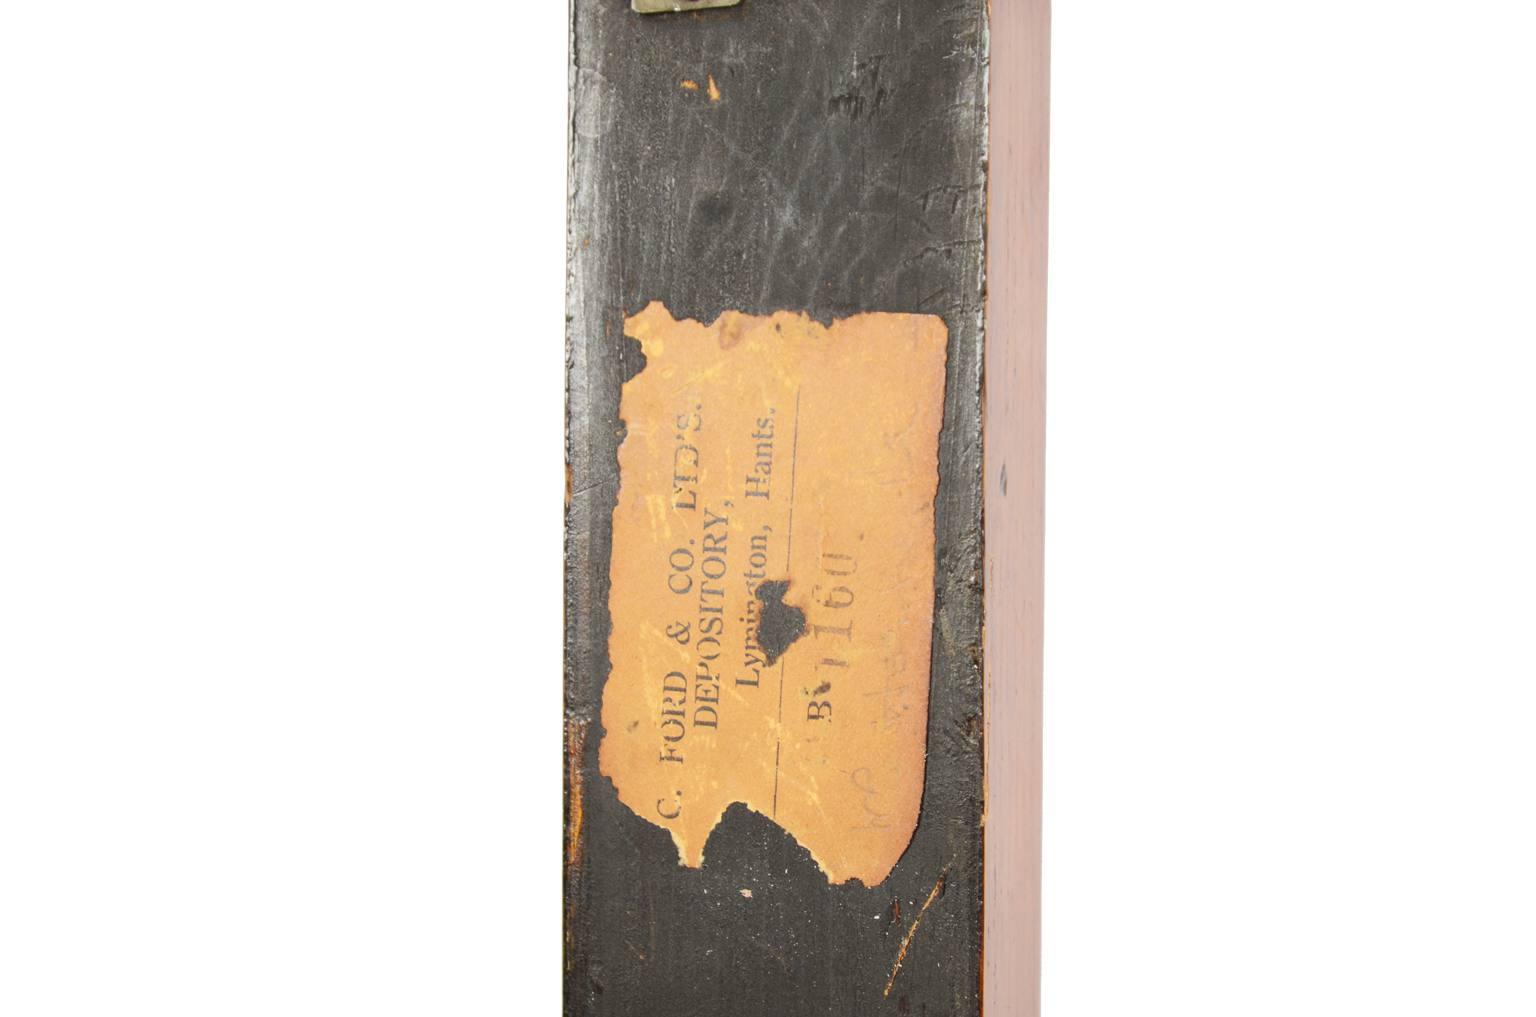 Barometri antichi/6208-Barometro Zambra